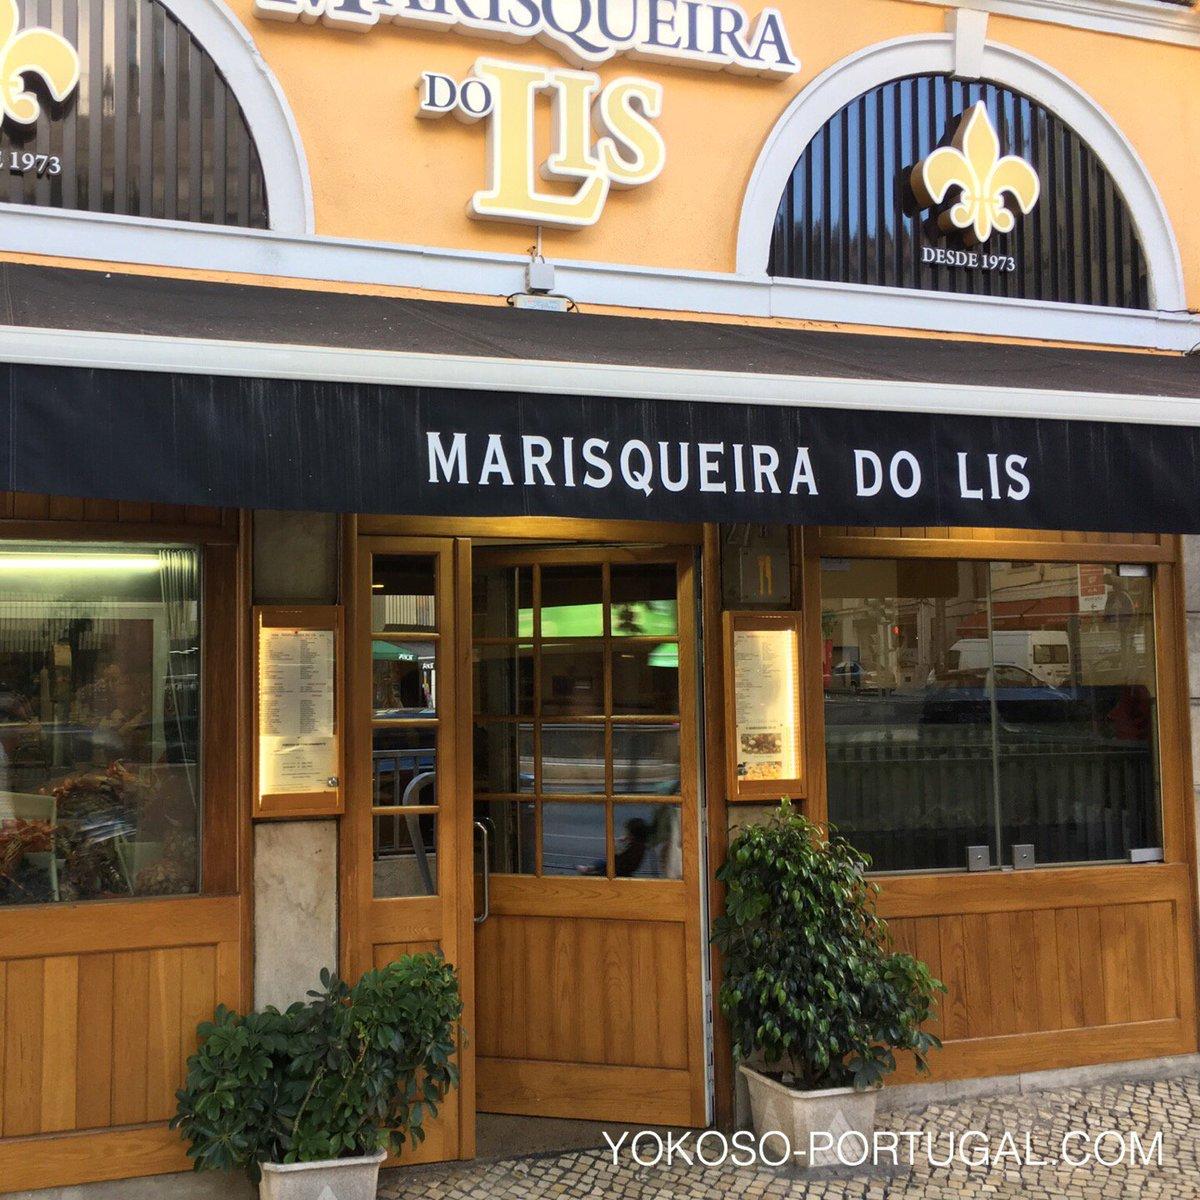 test ツイッターメディア - リスボンのおすすめレストラン。ポルトガルワインとともに、新鮮なシーフードが楽しめます。 (@ Marisqueira do Lis in Lisboa) https://t.co/obZWNQKTZm https://t.co/2TQeHhvLbb